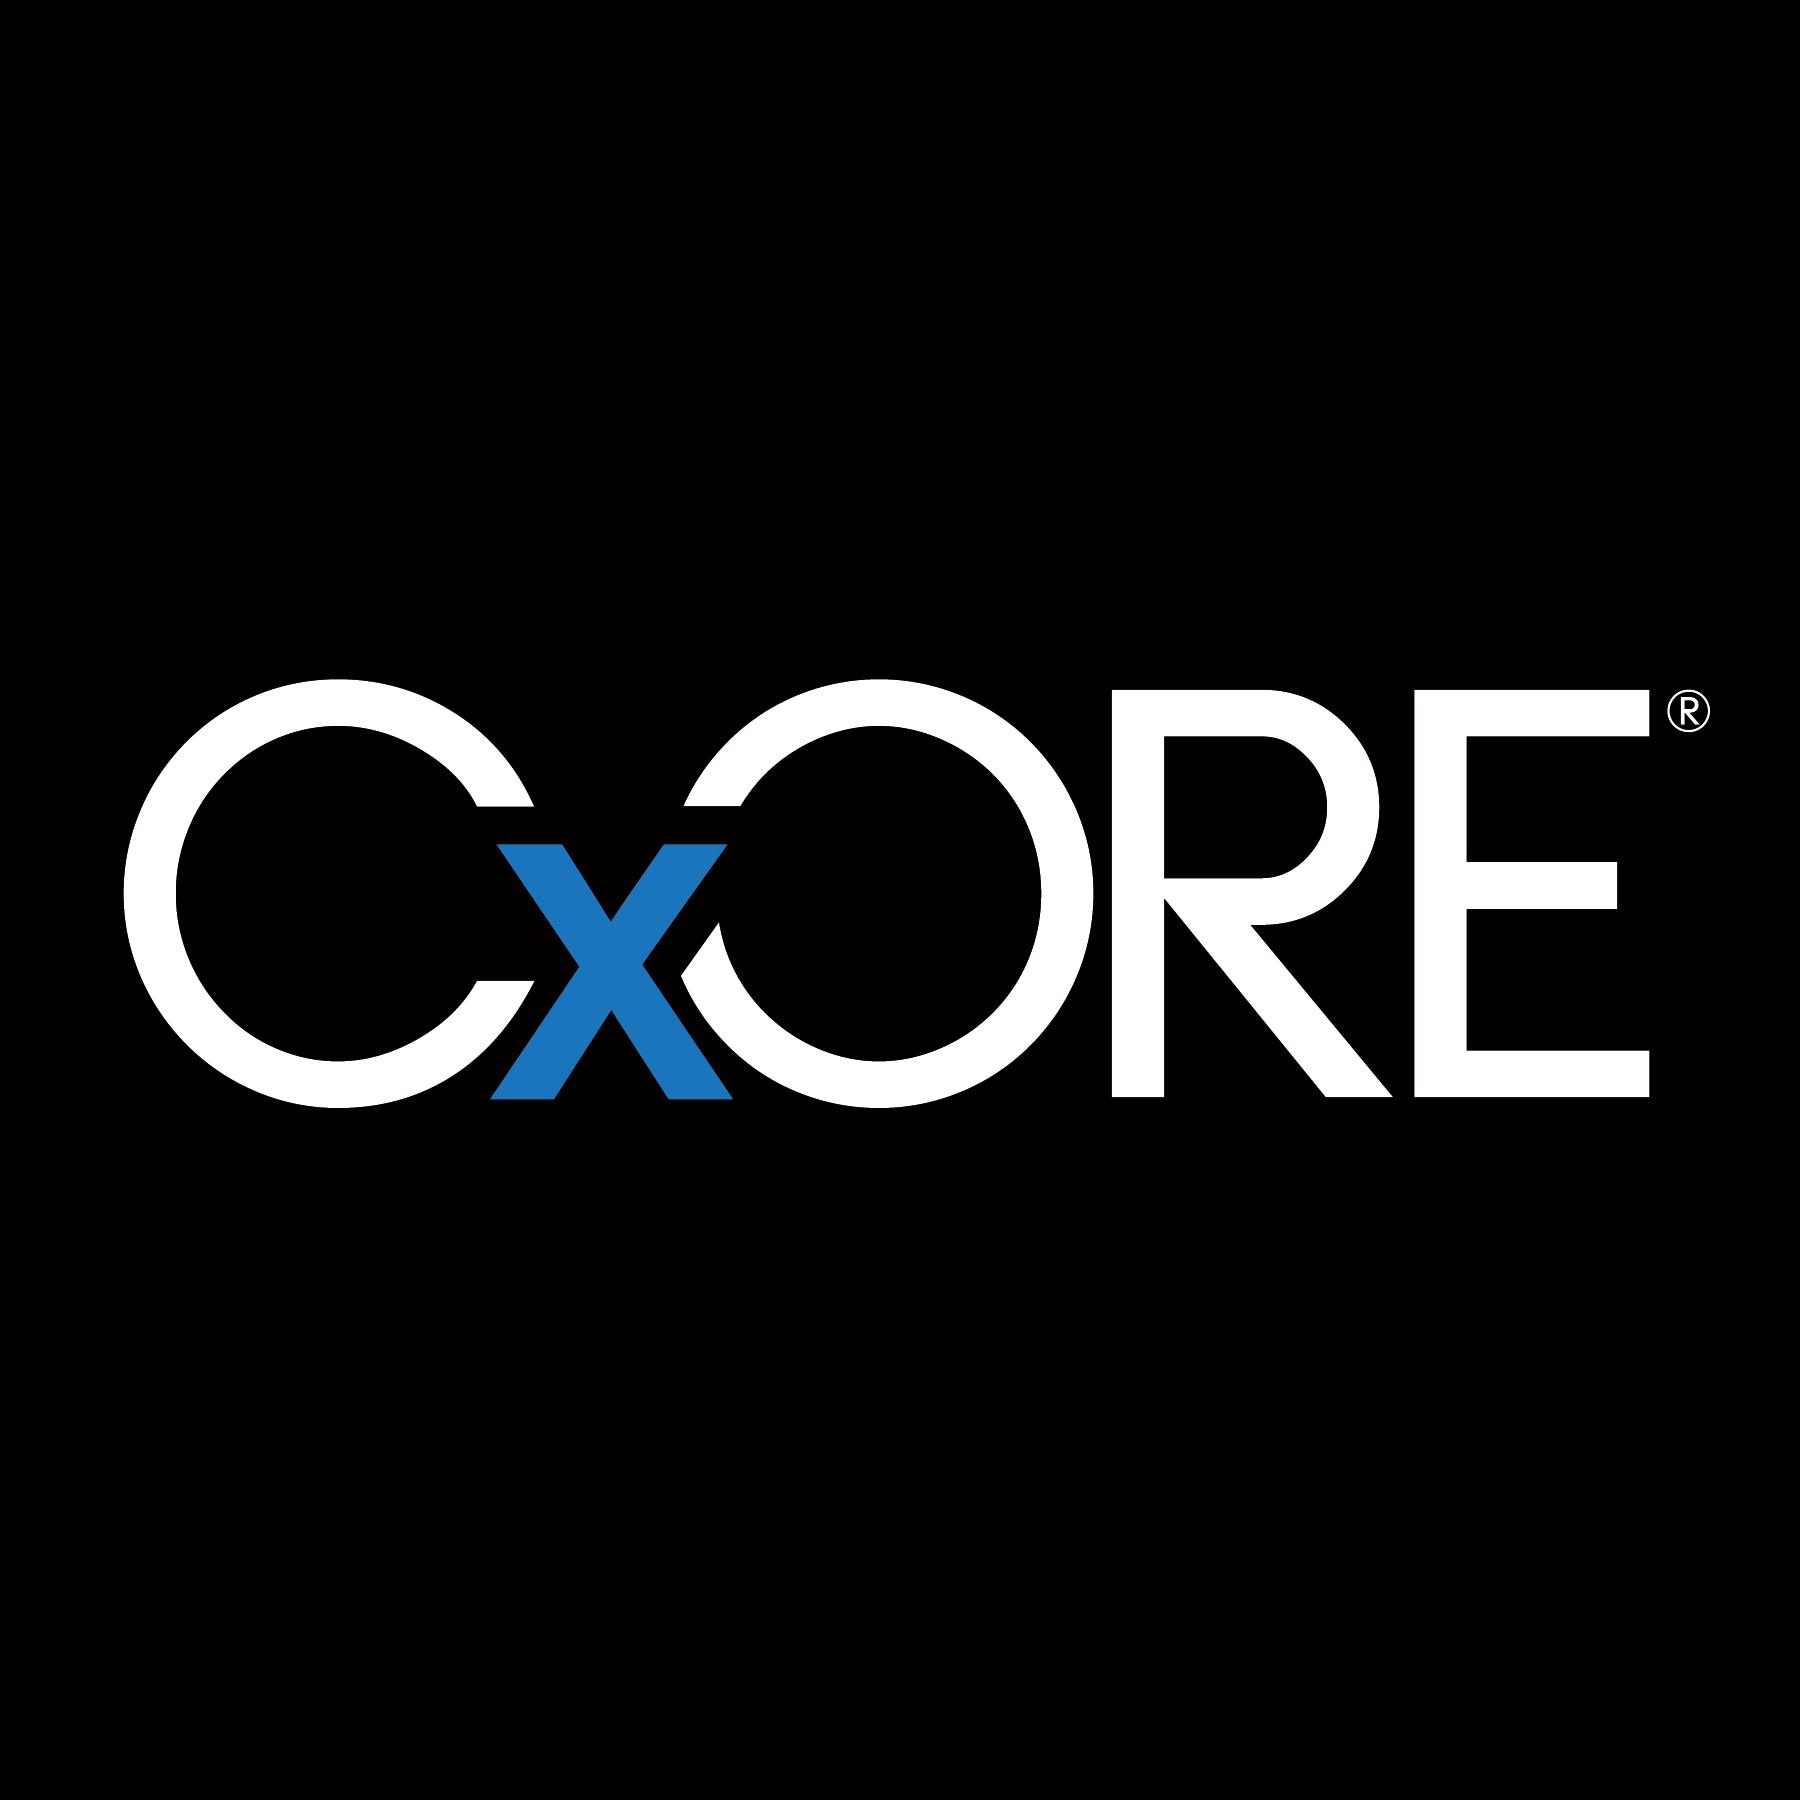 CxORE_sq_R.png